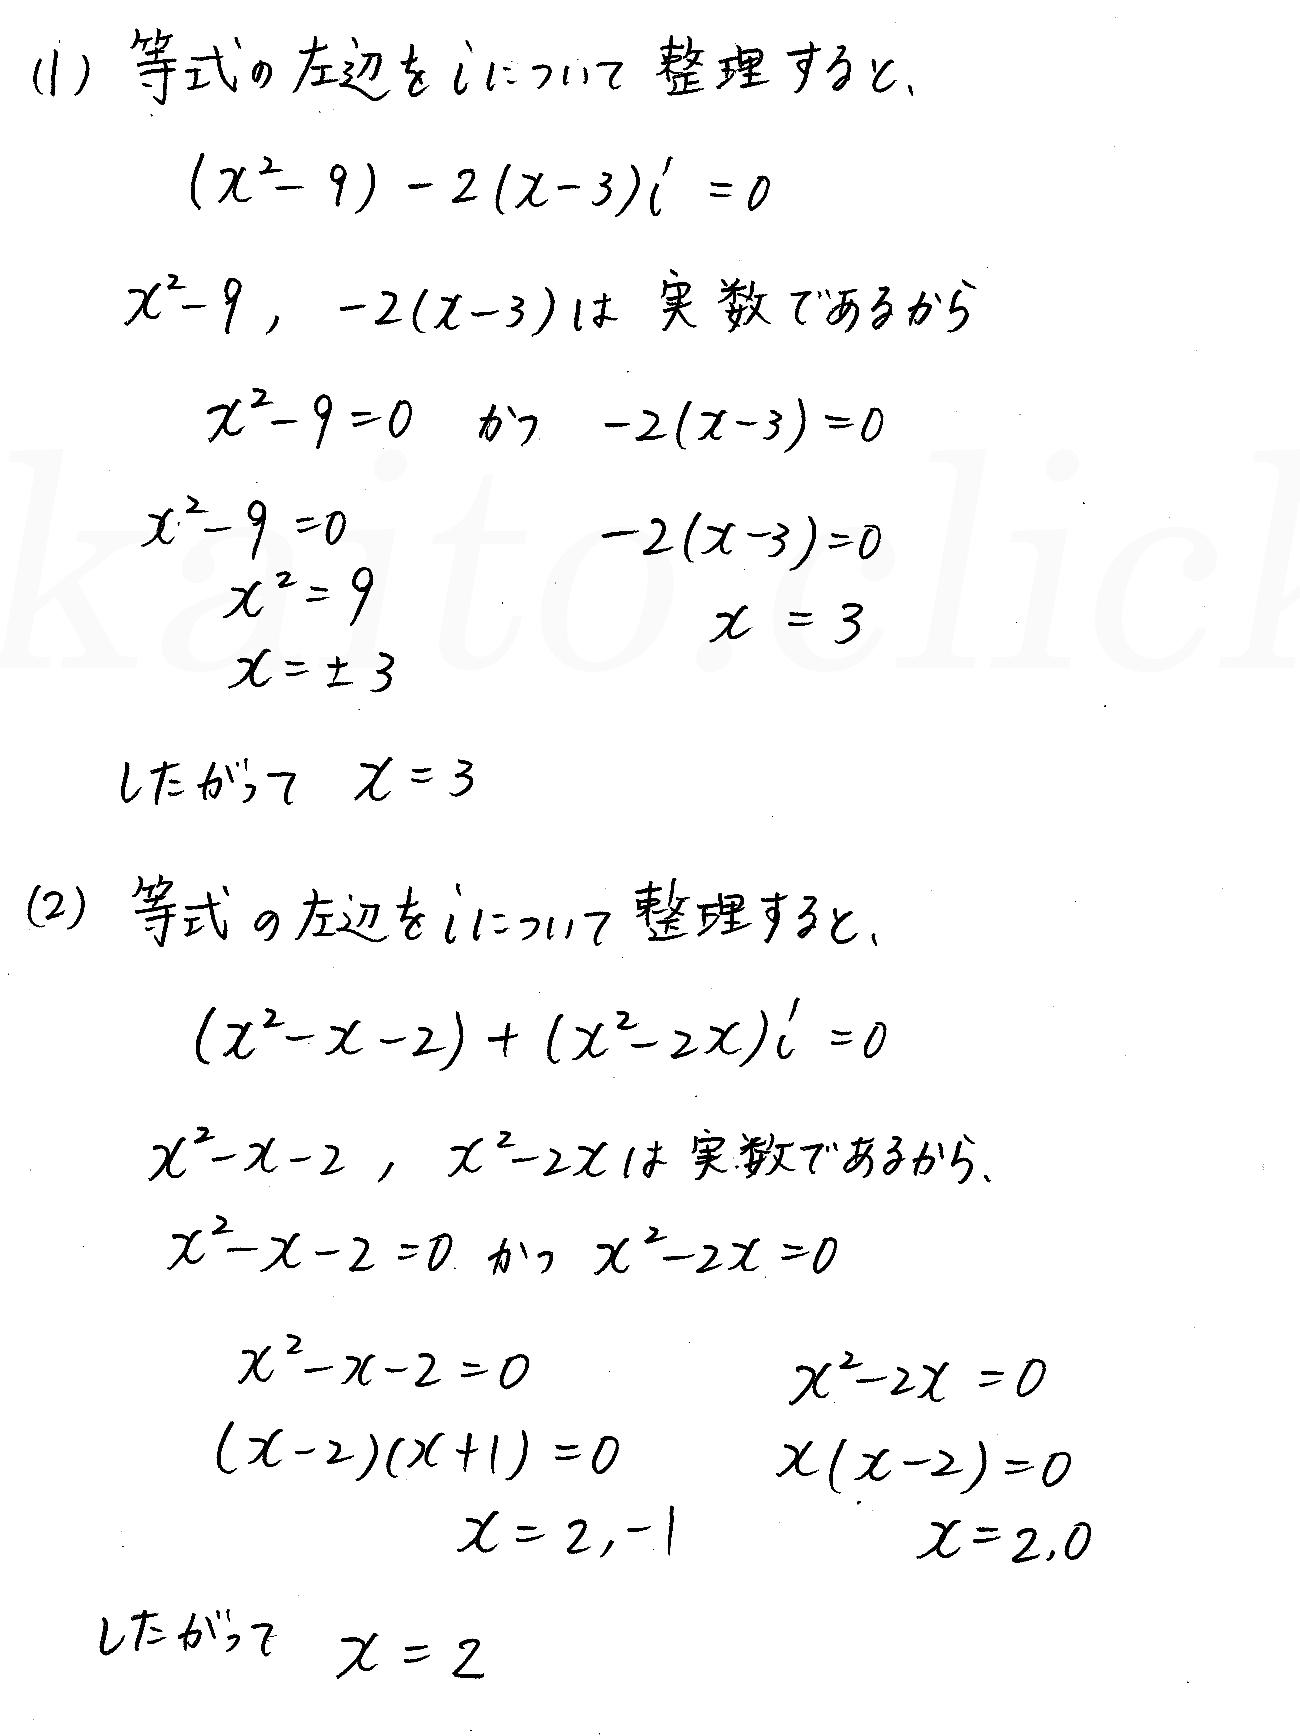 クリアー数学2-141解答